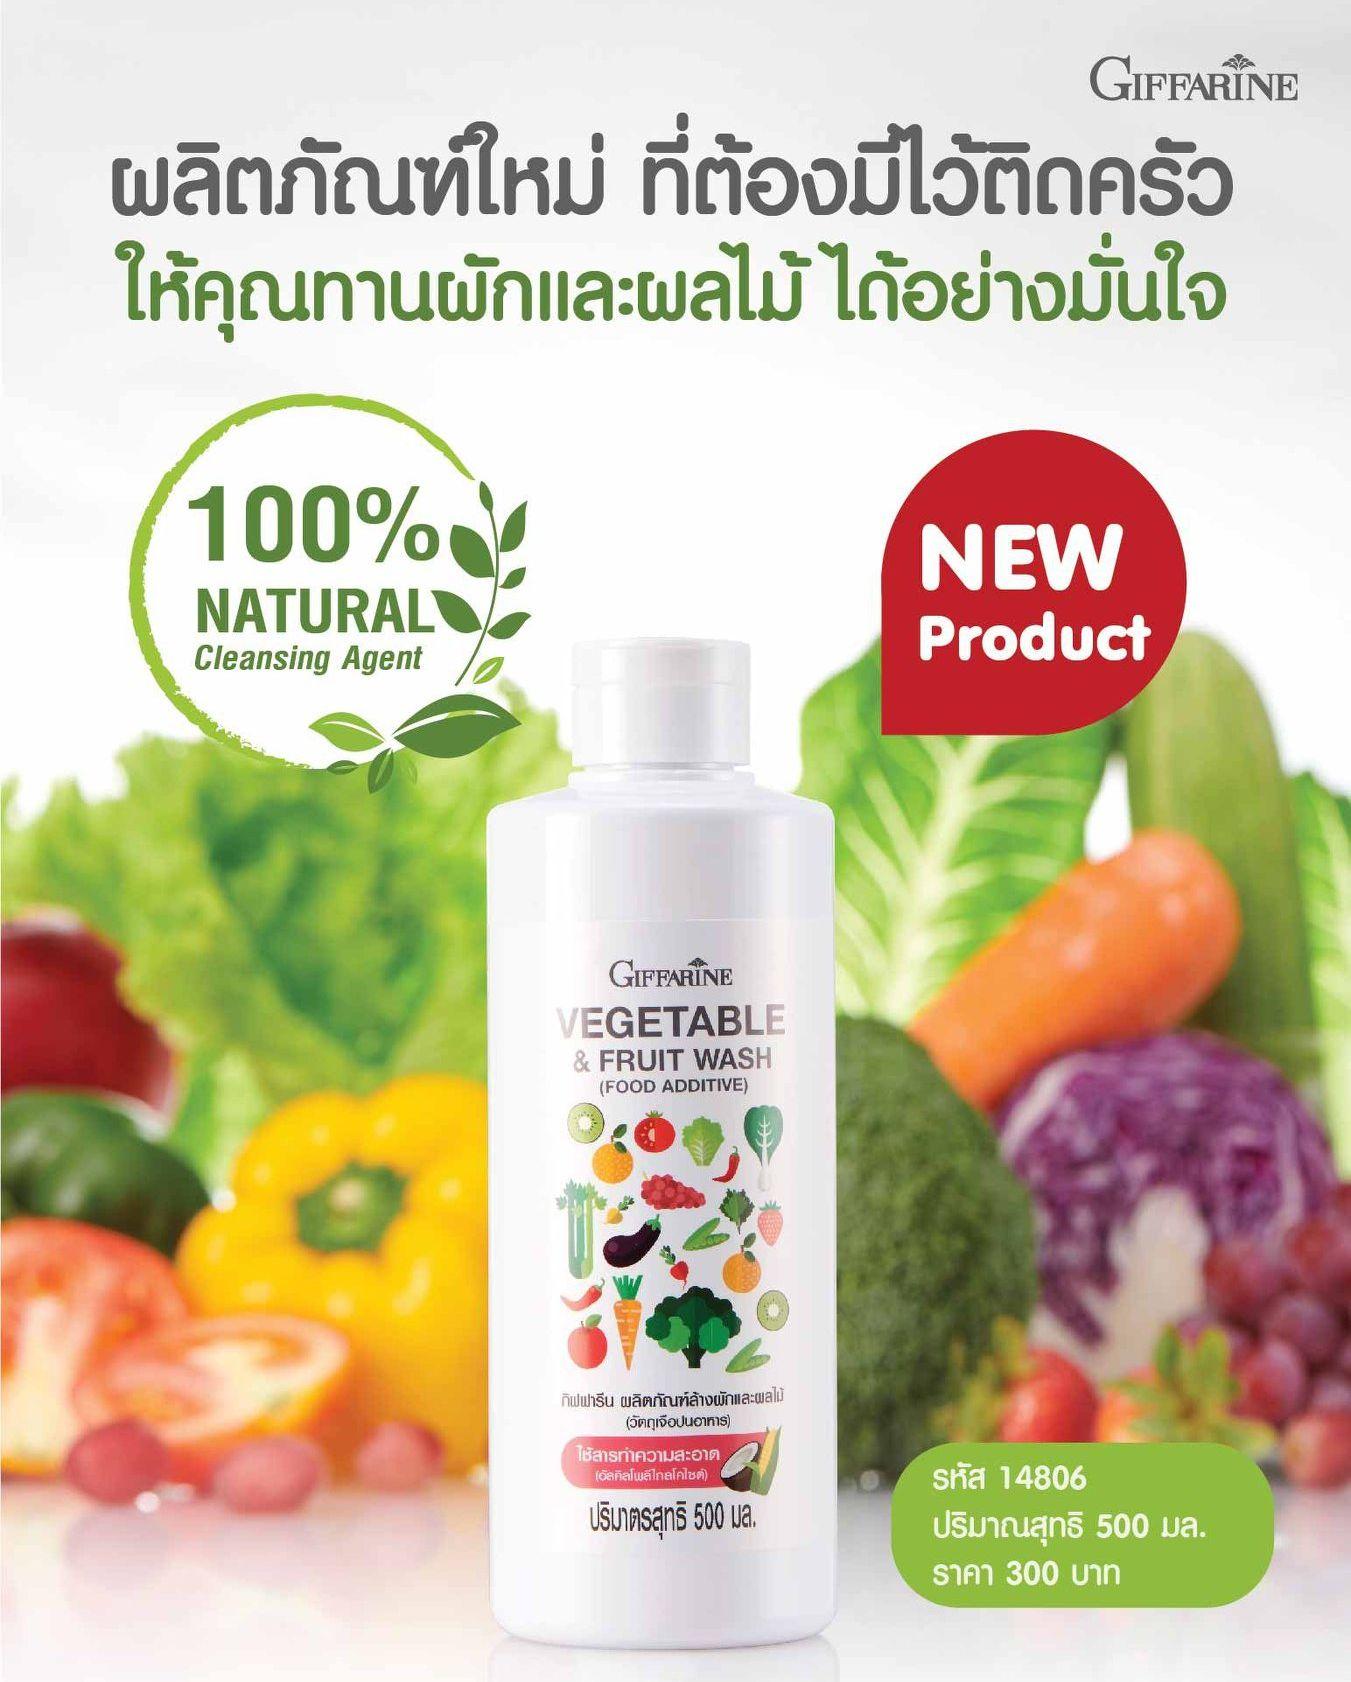 ผลิตภัณฑ์ล้างผักและผลไม้ จากกิฟฟารีน